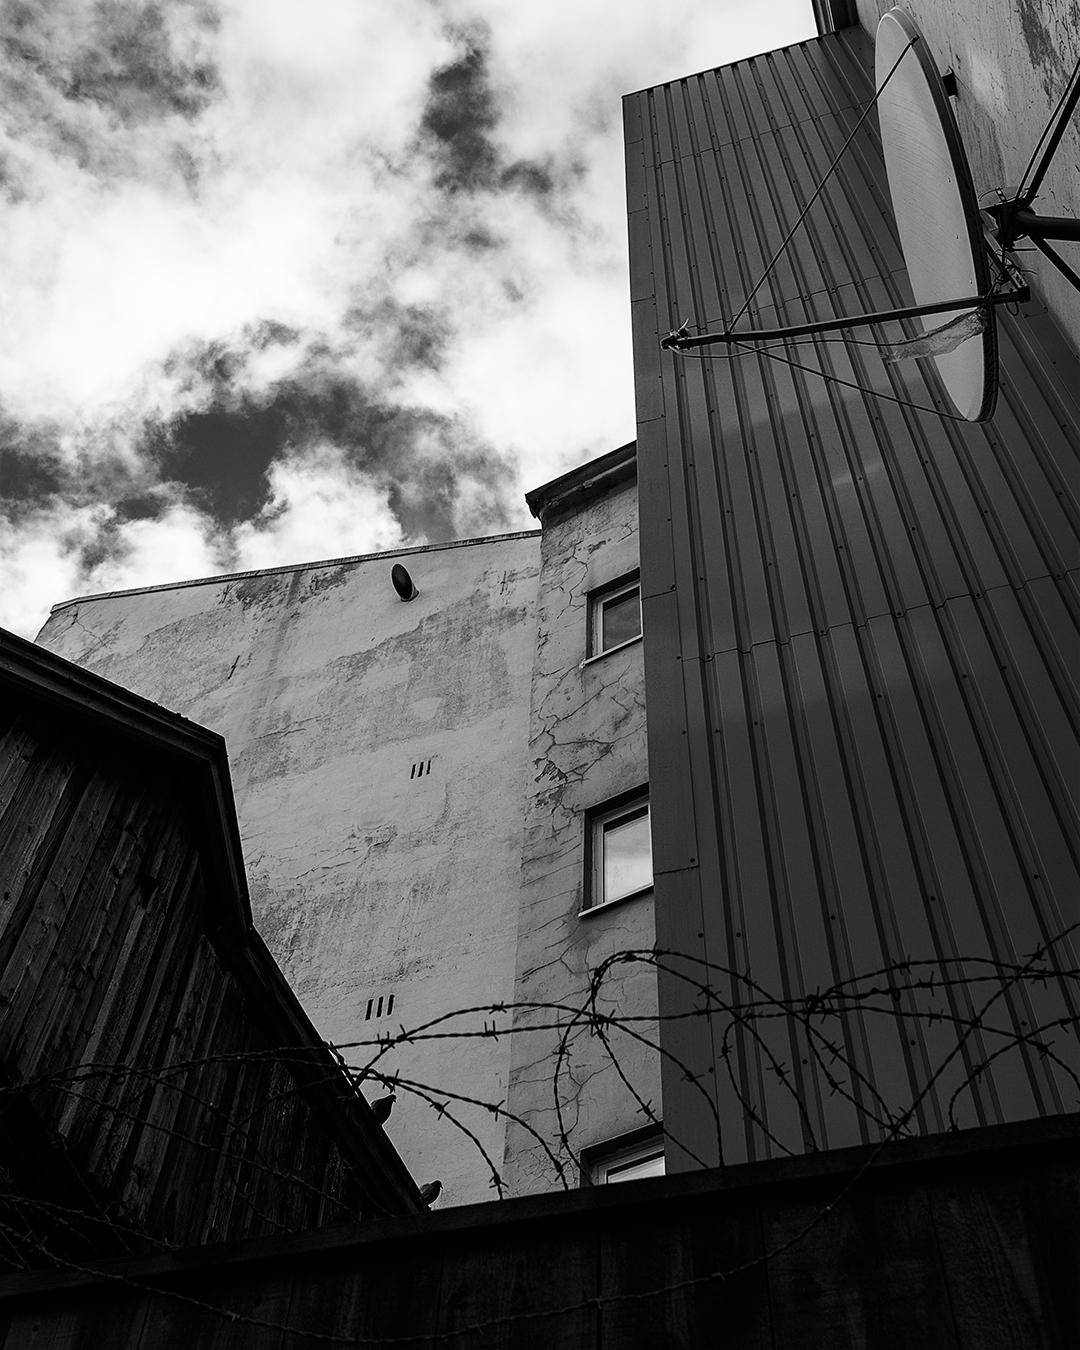 Duer som sitter på et hustak på kanten seende nedover i husgården. trondheim. landskap cityscape byfotografi Blackandwhite piggtråd